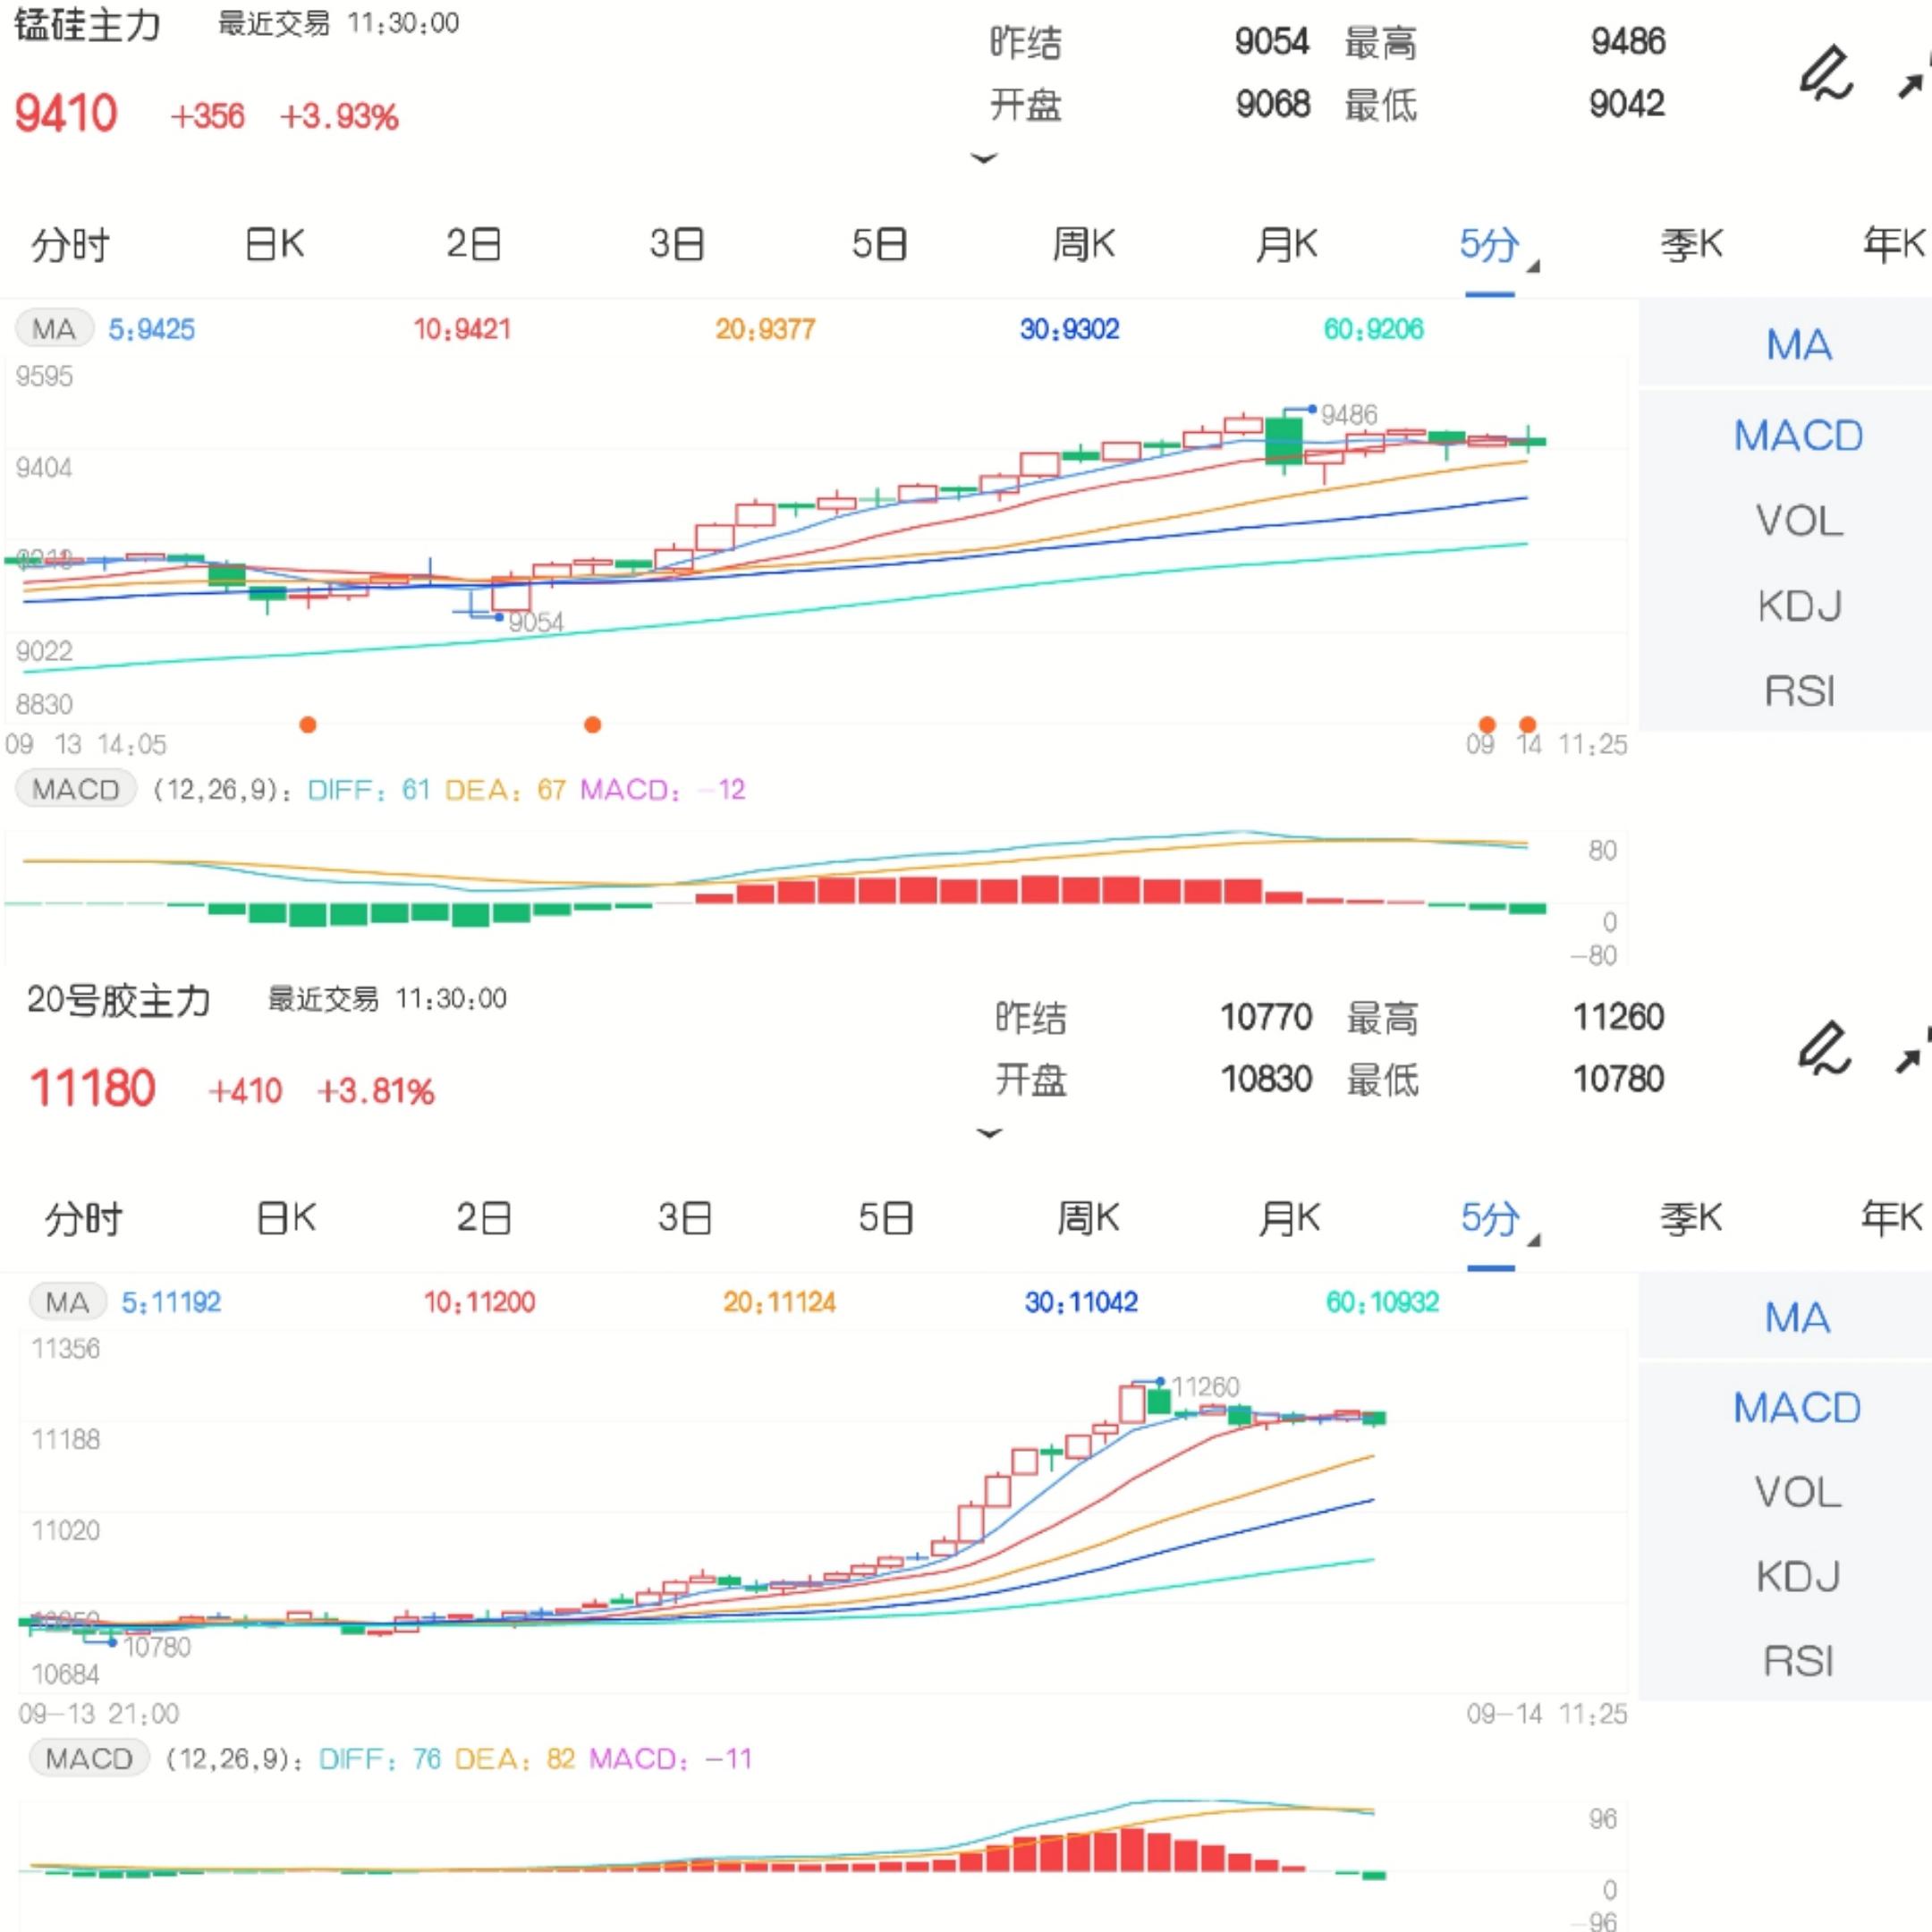 9月14日期市午评:商品期货涨跌参半 锰硅再创合约上市新高